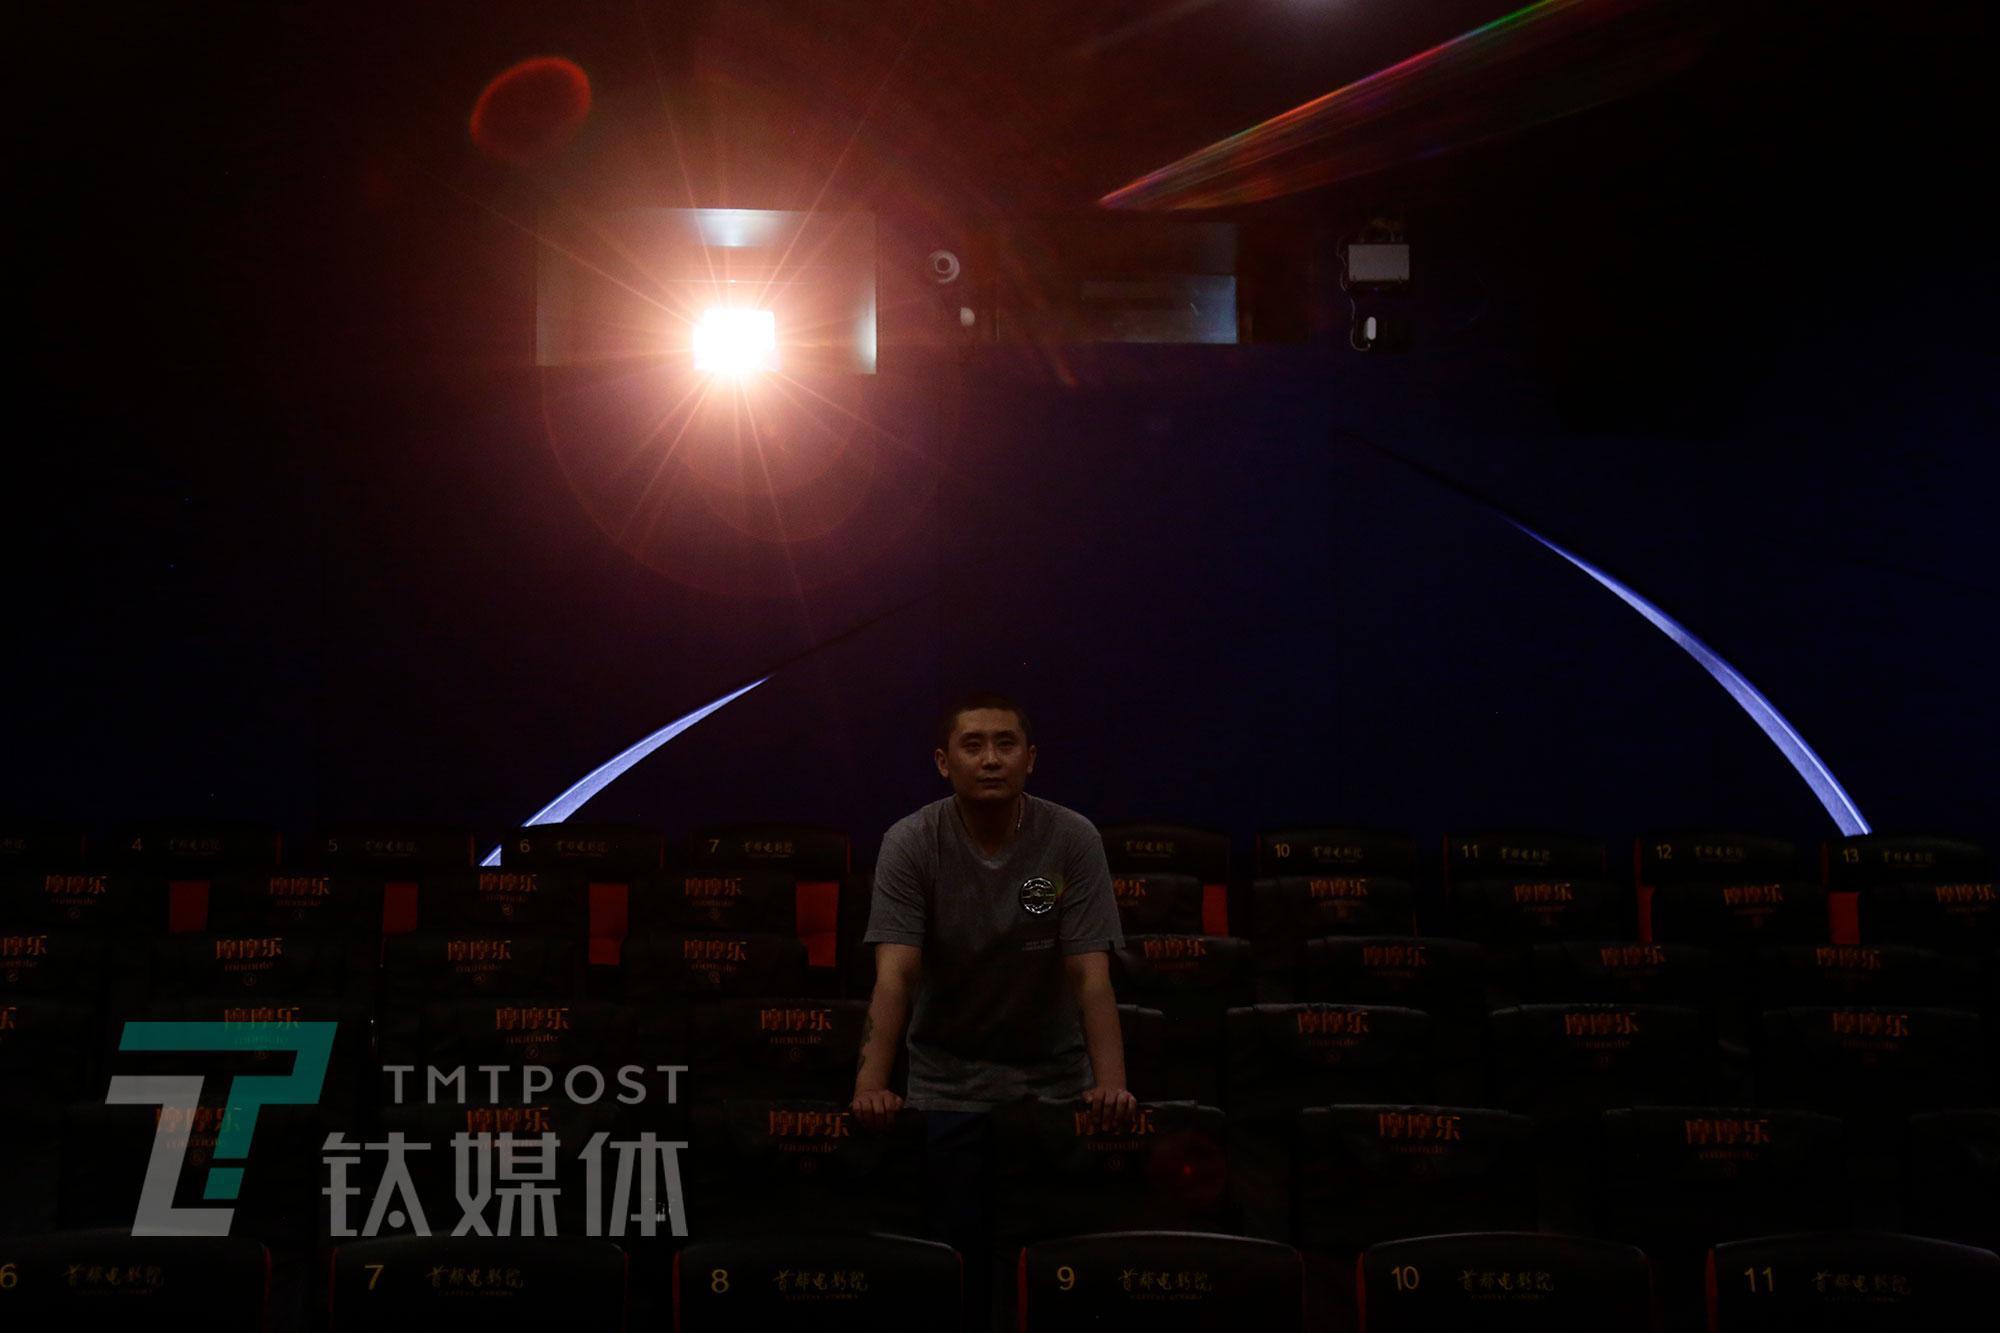 5月8日,放映员在影厅放映测试片检测设备。